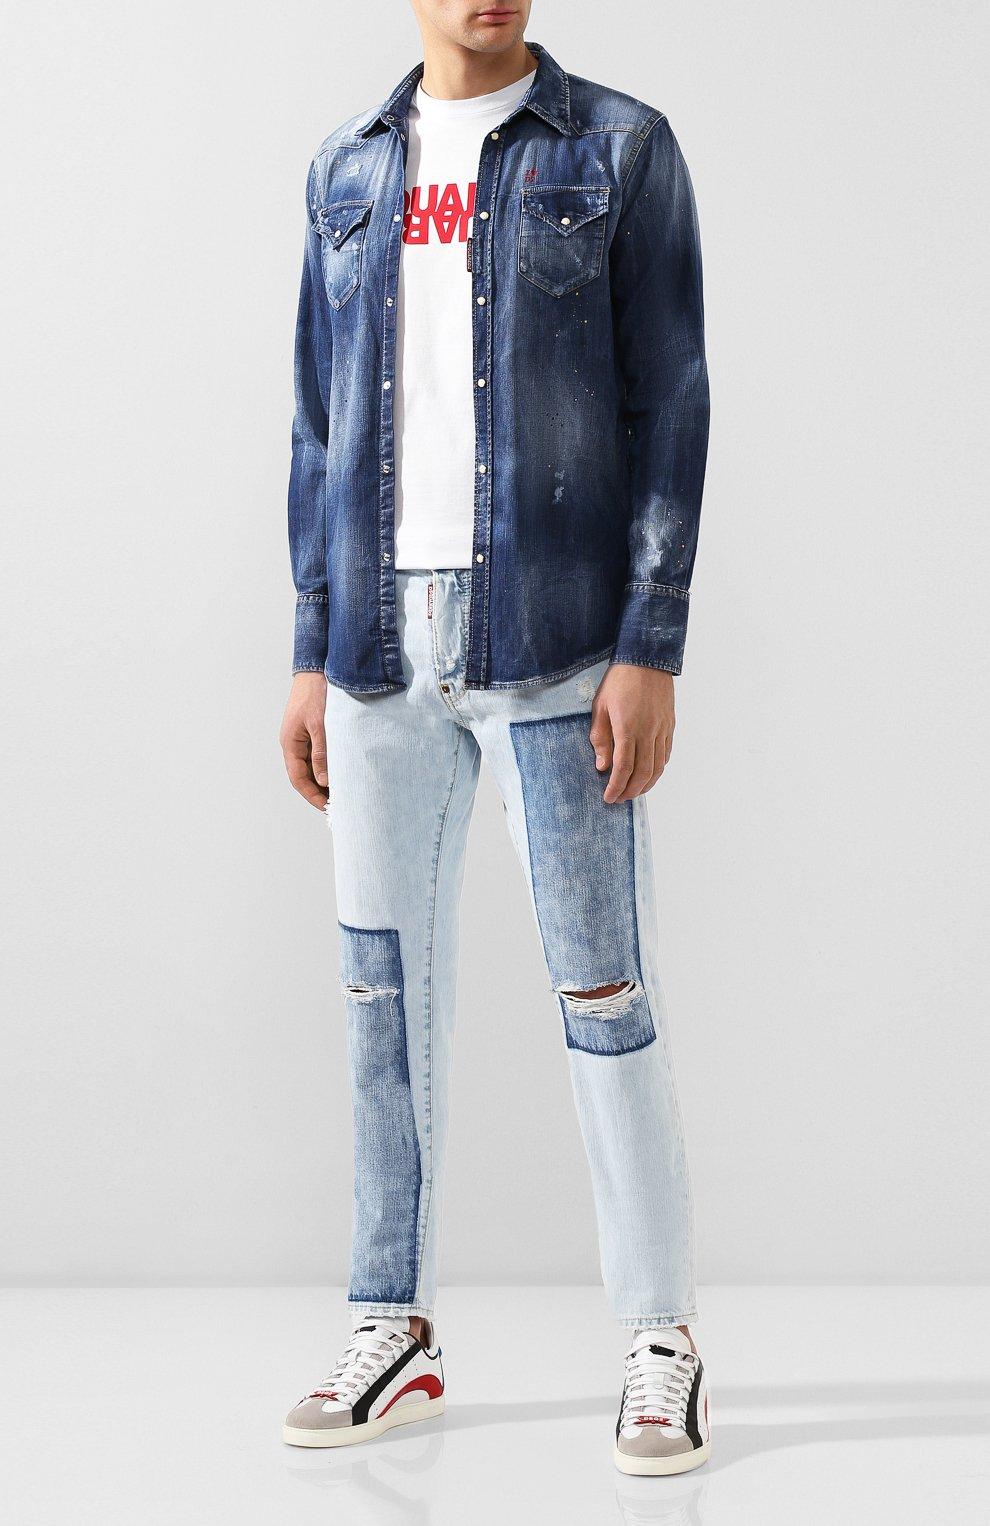 Мужская джинсовая рубашка DSQUARED2 синего цвета, арт. S74DM0392/S30341 | Фото 2 (Воротник: Кент; Рукава: Длинные; Манжеты: На кнопках; Кросс-КТ: Деним; Случай: Повседневный; Длина (для топов): Стандартные; Принт: С принтом; Материал внешний: Хлопок, Деним; Мужское Кросс-КТ: Рубашка-одежда; Статус проверки: Проверена категория)